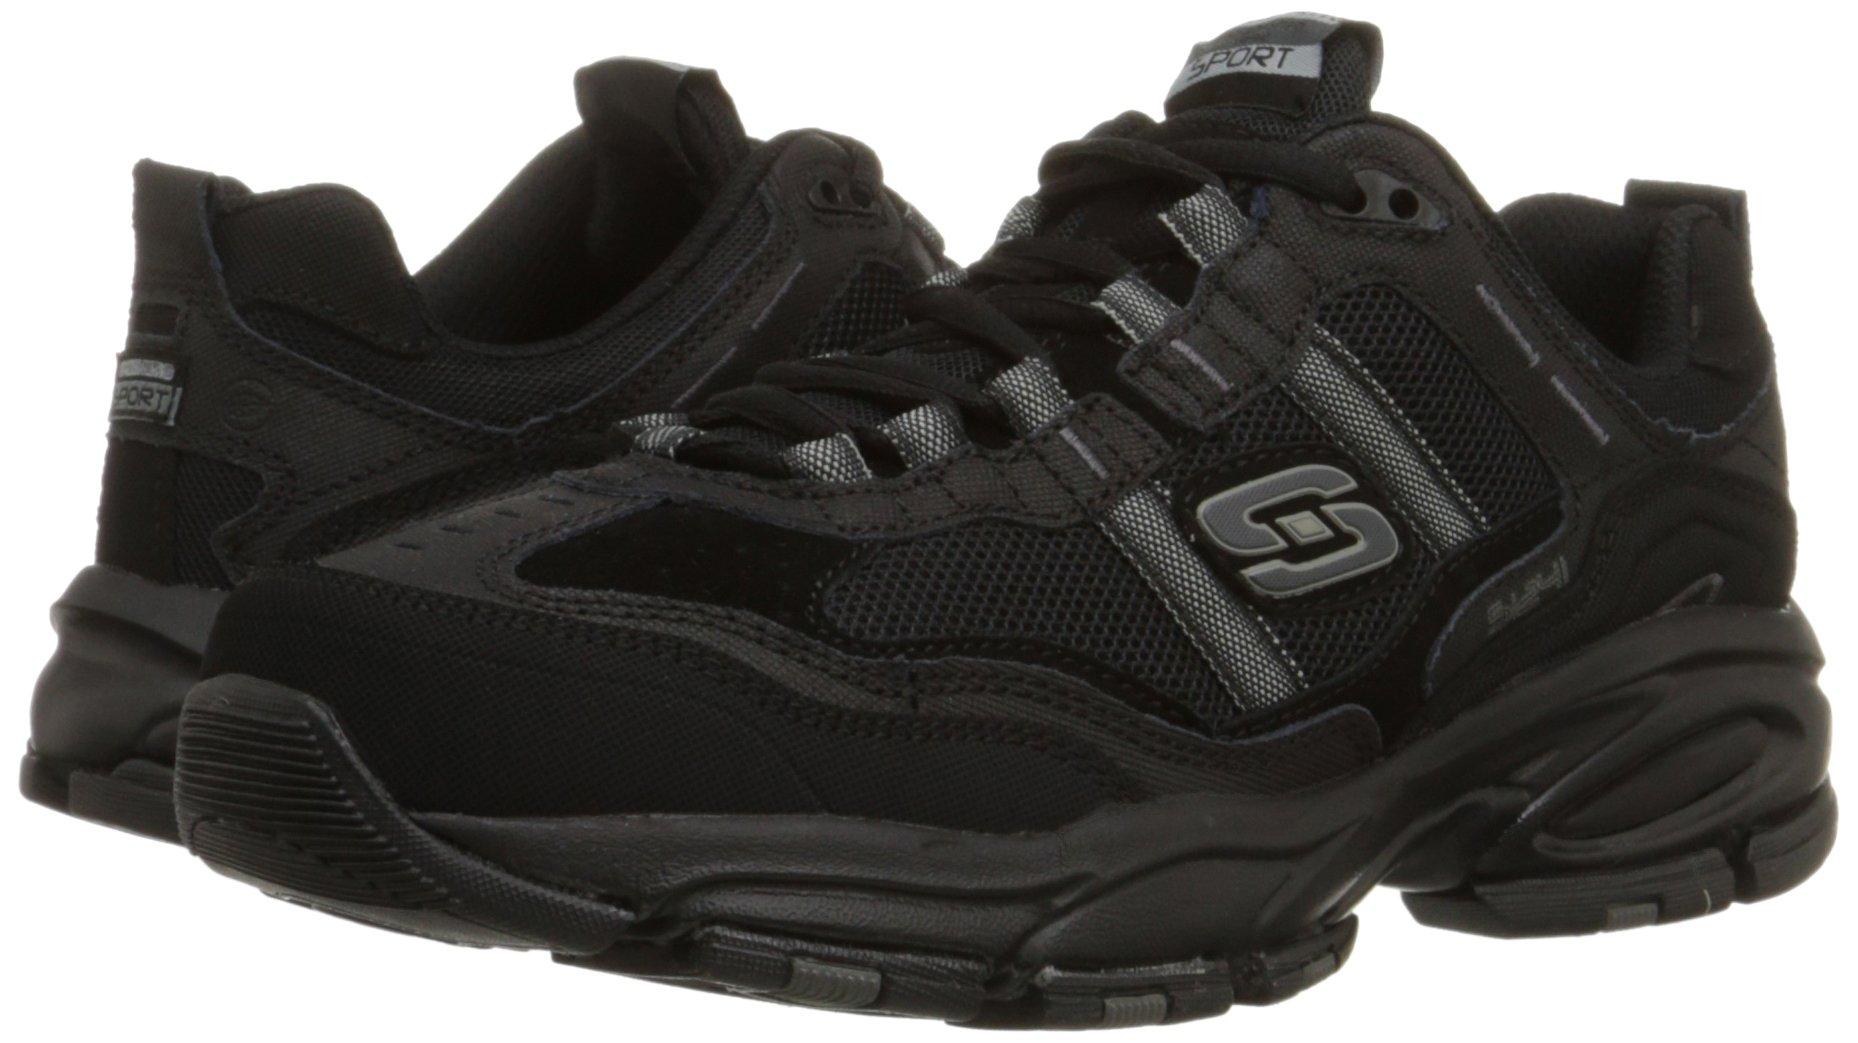 Skechers Sport Men's Vigor 2.0 Trait Memory Foam Sneaker, Black, 12 M US by Skechers (Image #6)